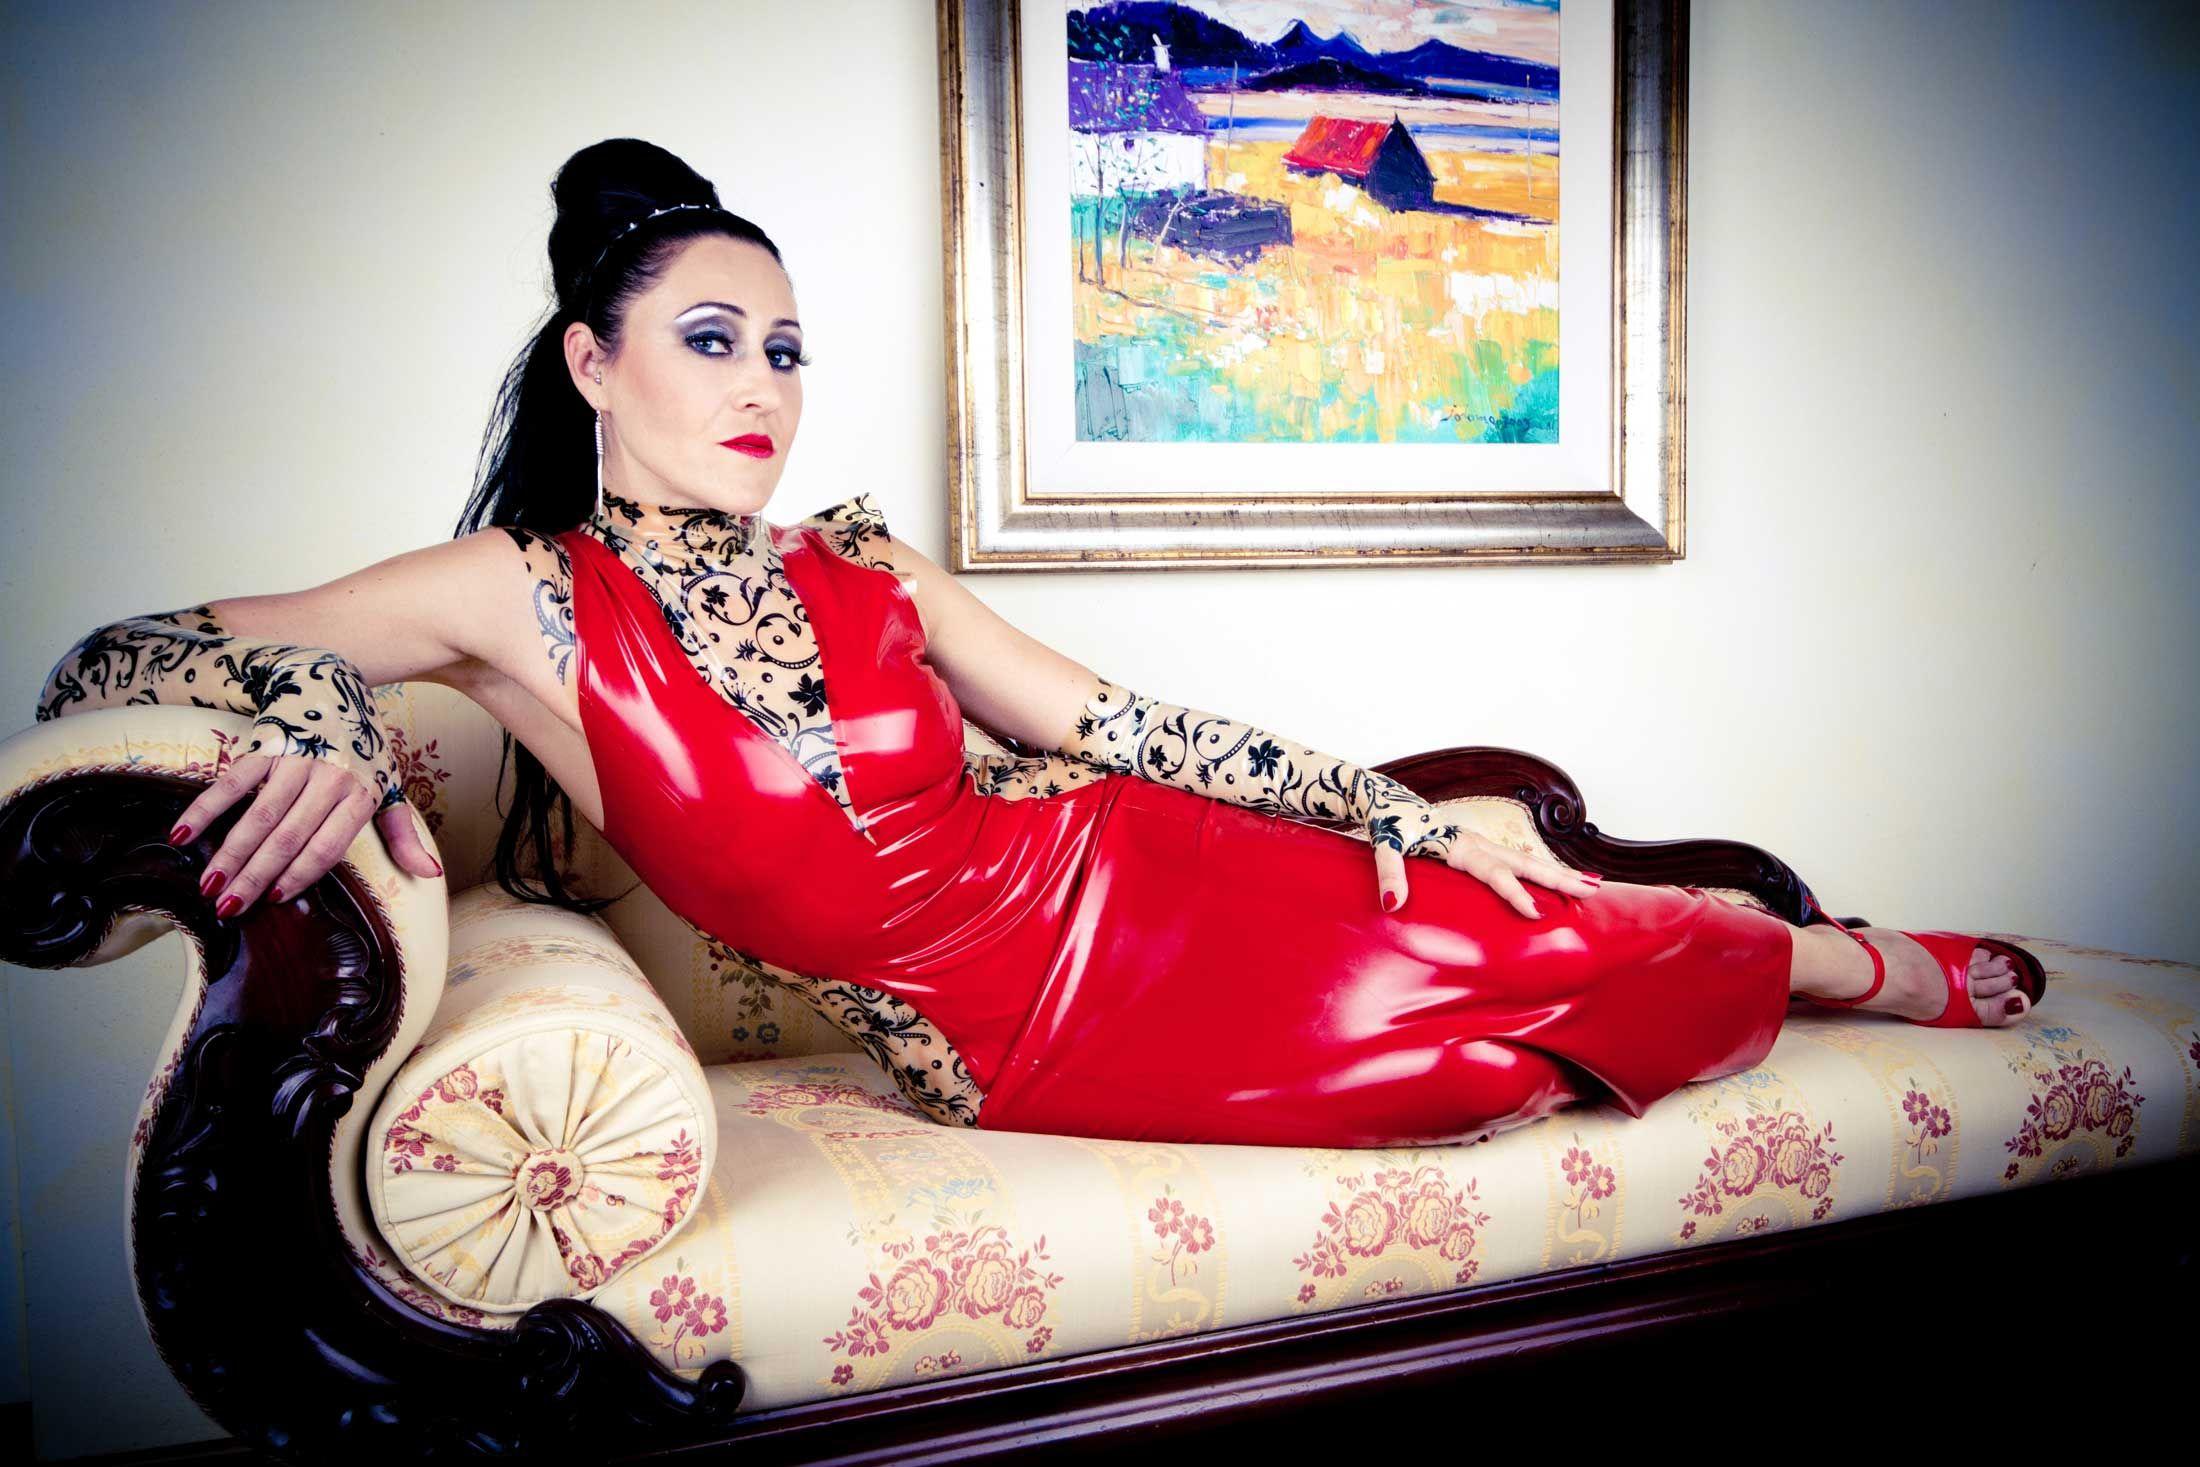 Die sinnliche Schönheit der Aspen Rae verführt Ihren verführerisch Lesbisch freundin